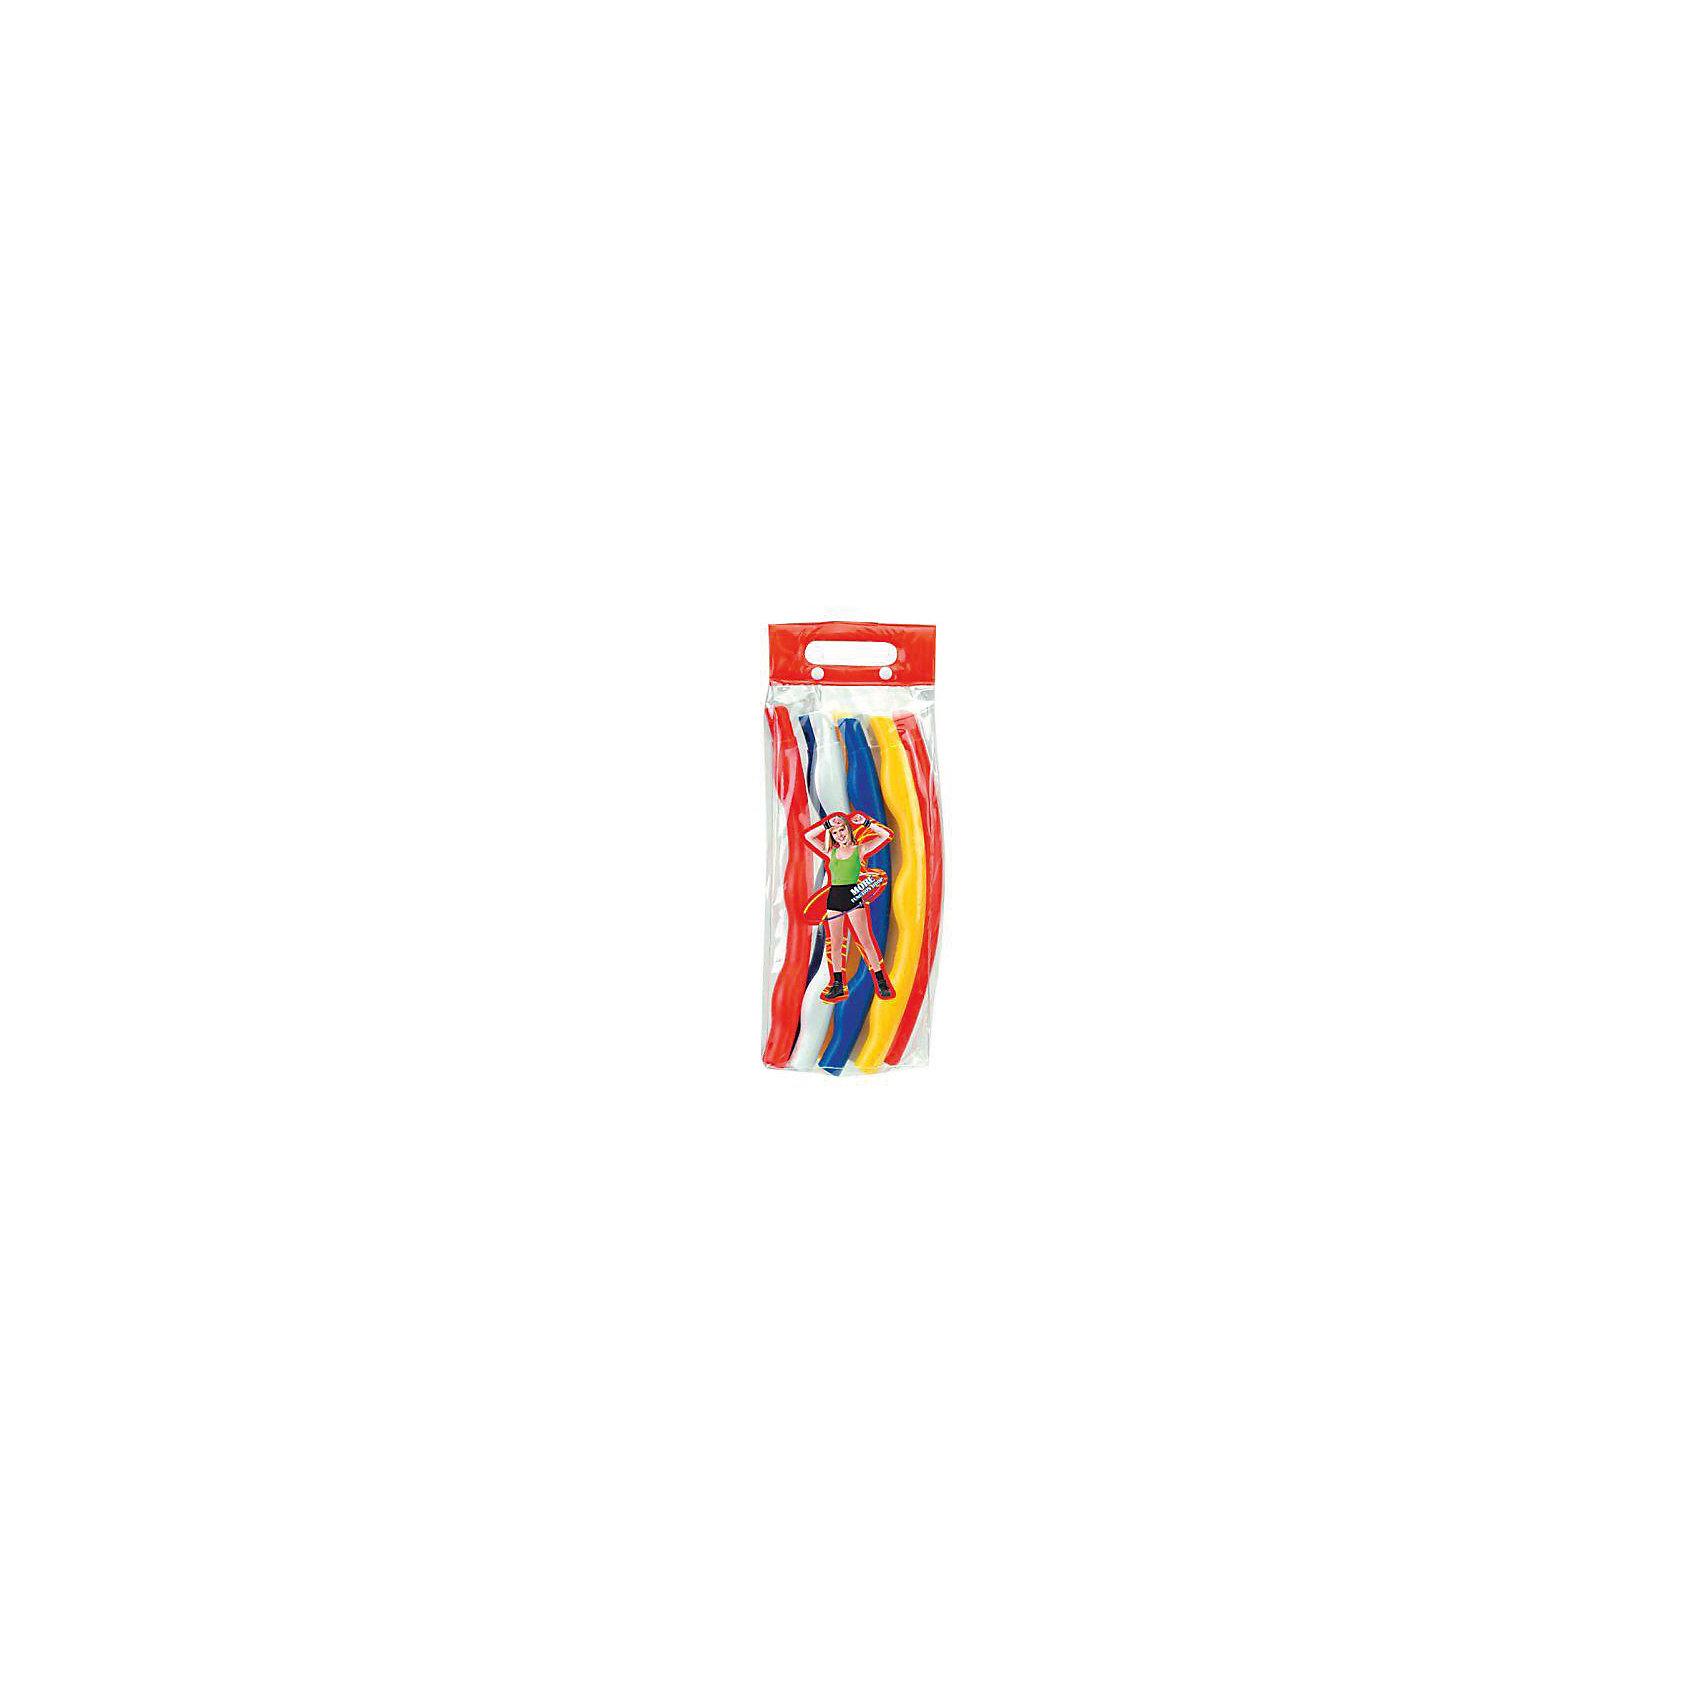 - Разборный хулахуп, 84 см. массажный обруч хулахуп onlitop 276117 с резиновыми шипами